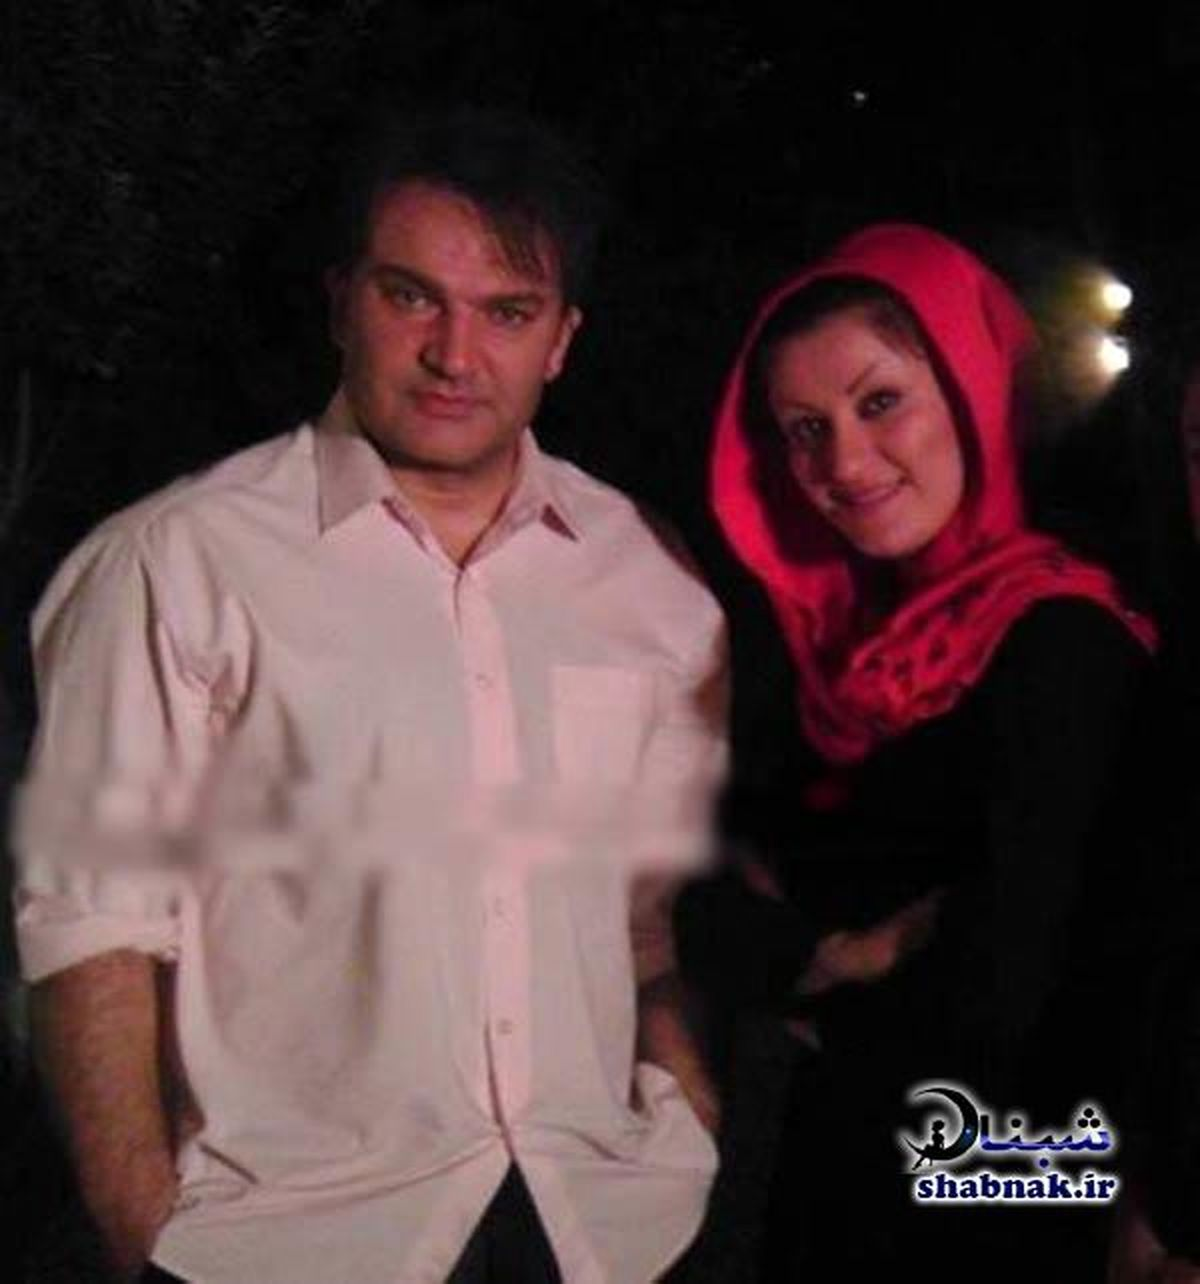 عکس های دیده نشده از مهدی سلطانی و همسرش + بیوگرافی